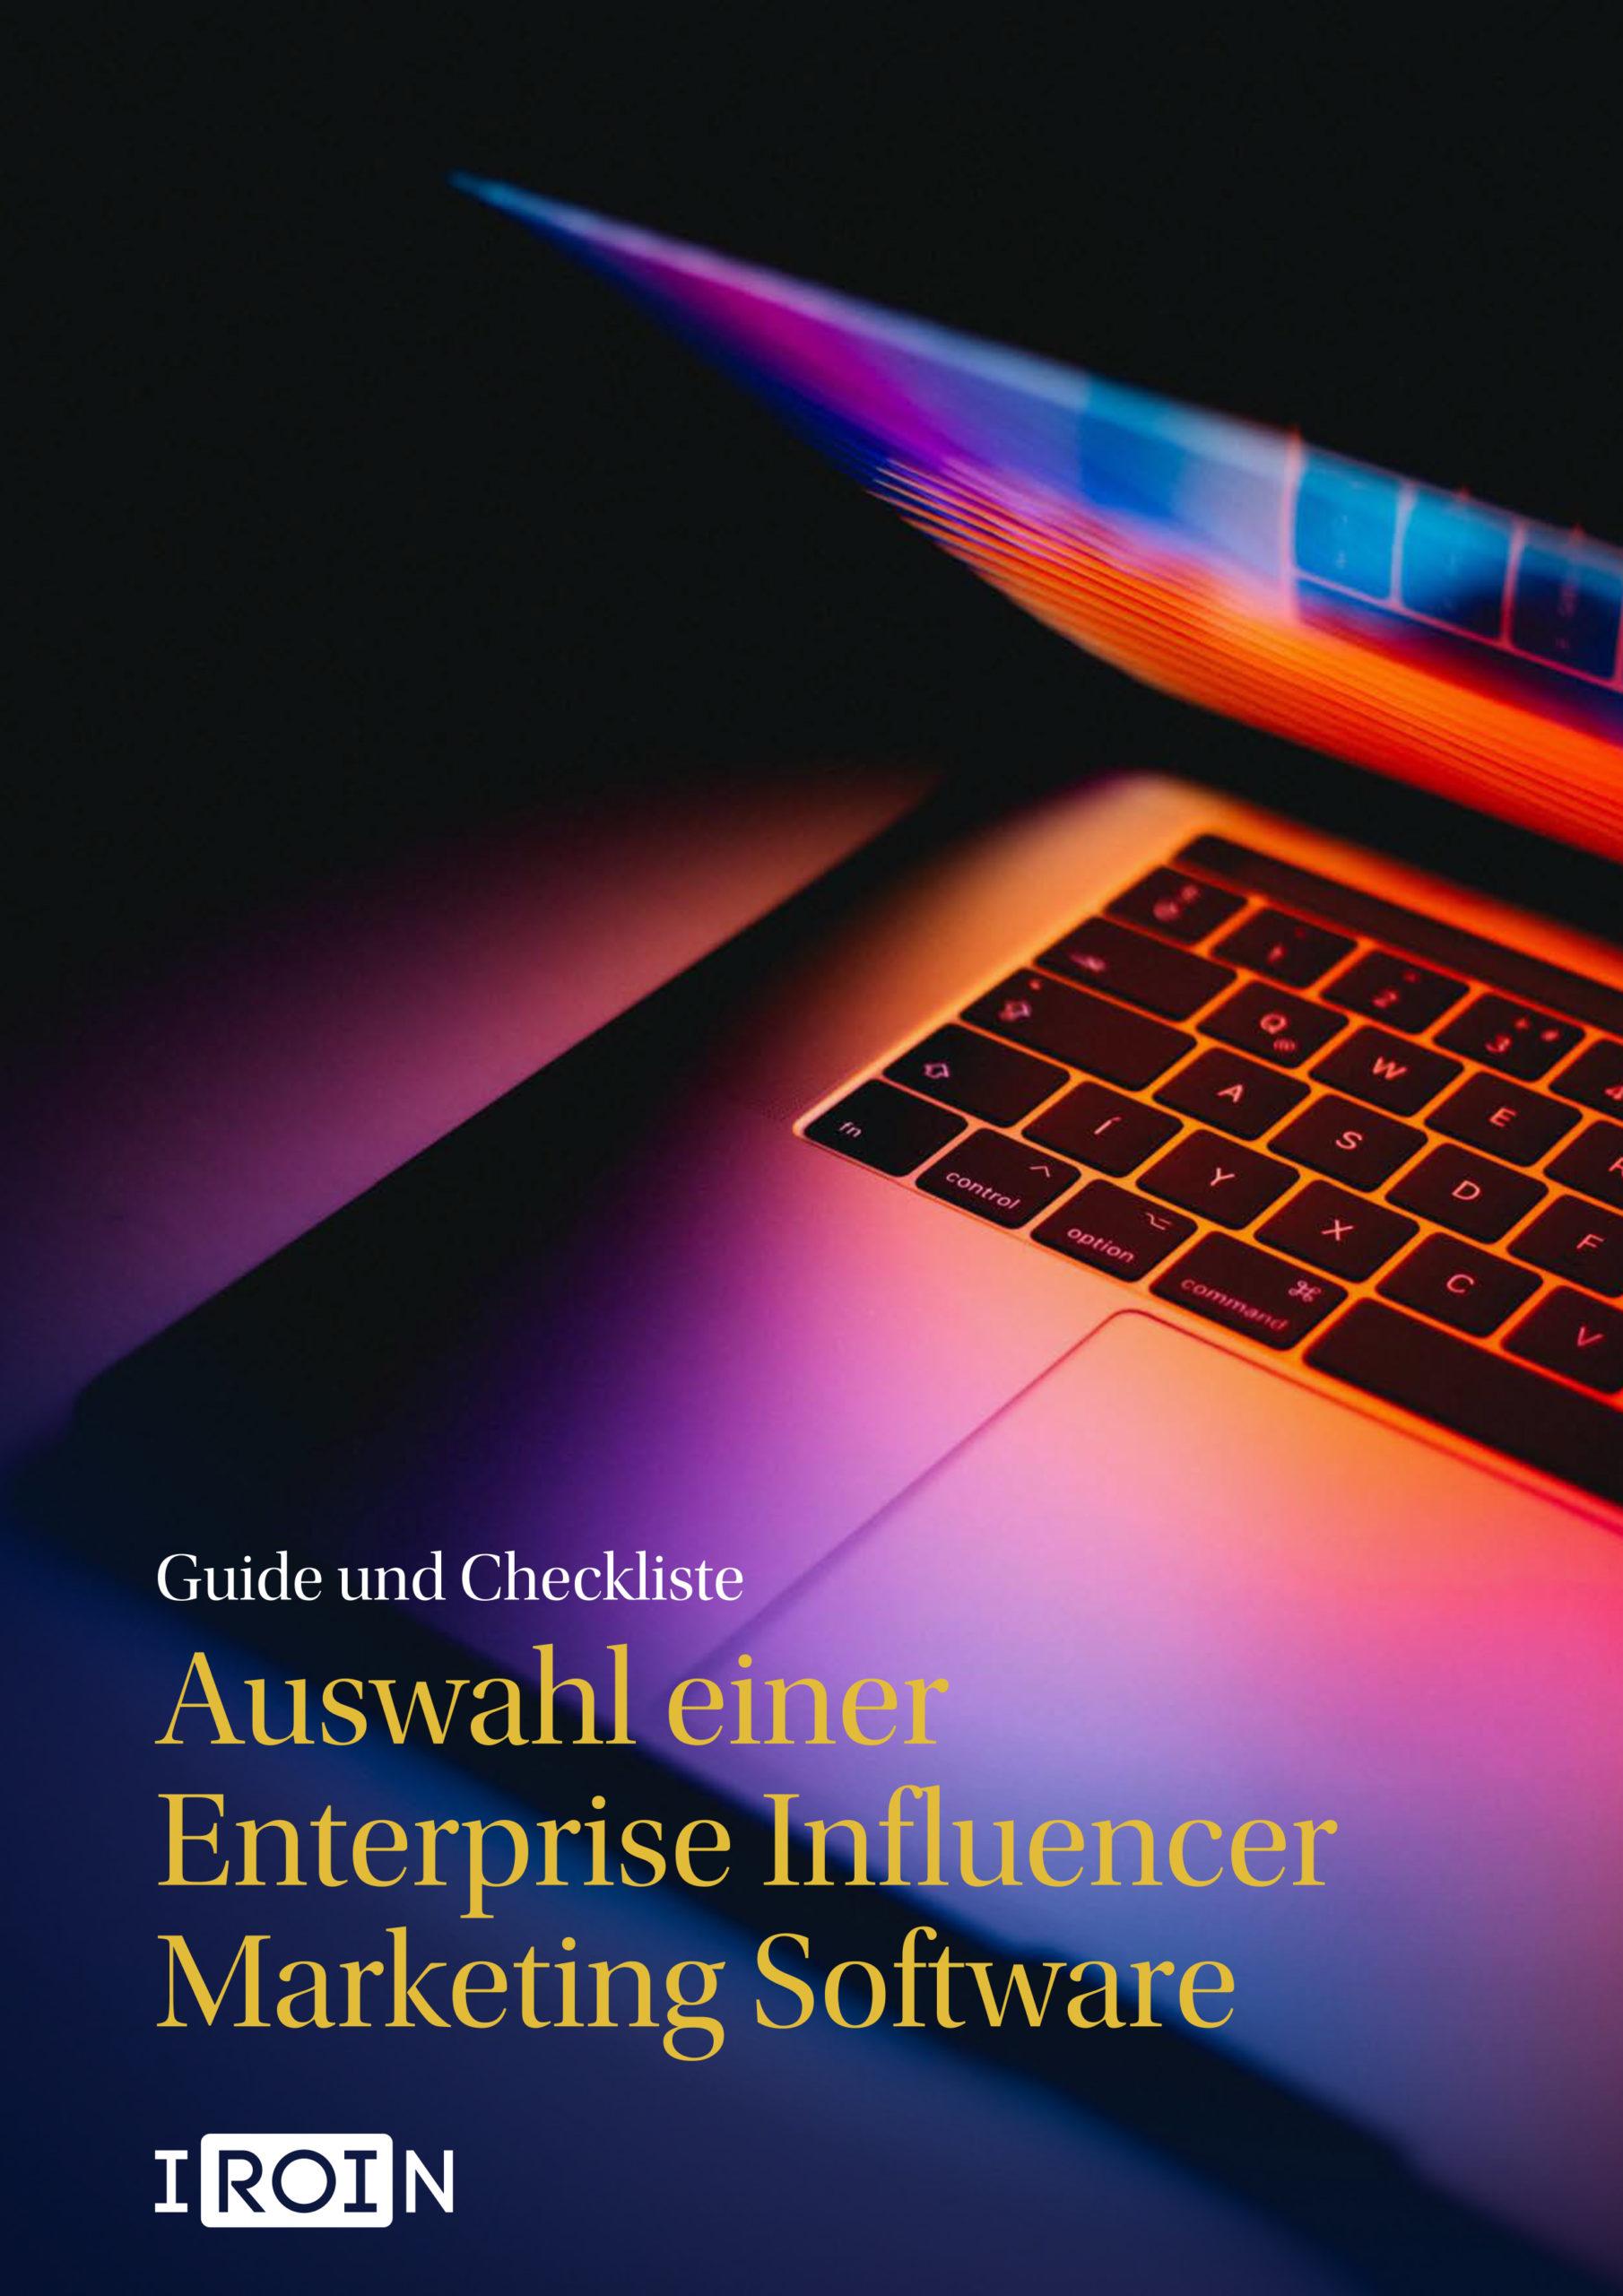 Deine Checkliste zur Auswahl einer Enterprise Influencer Marketing Software